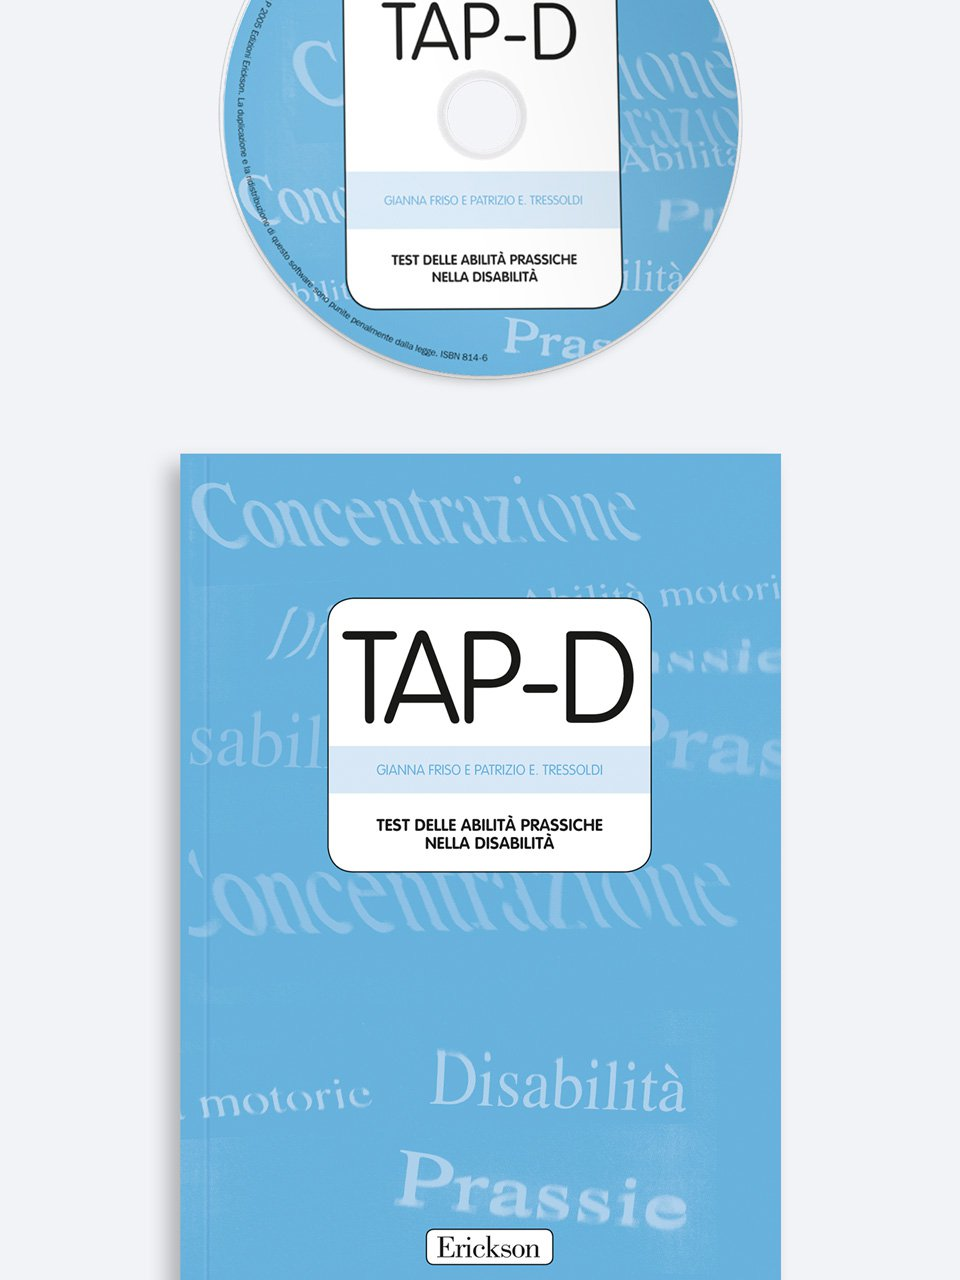 TAP-D - Test delle Abilità Prassiche nella Disabilità - Test TEMA - Memoria e apprendimento - Libri - Strumenti - Erickson